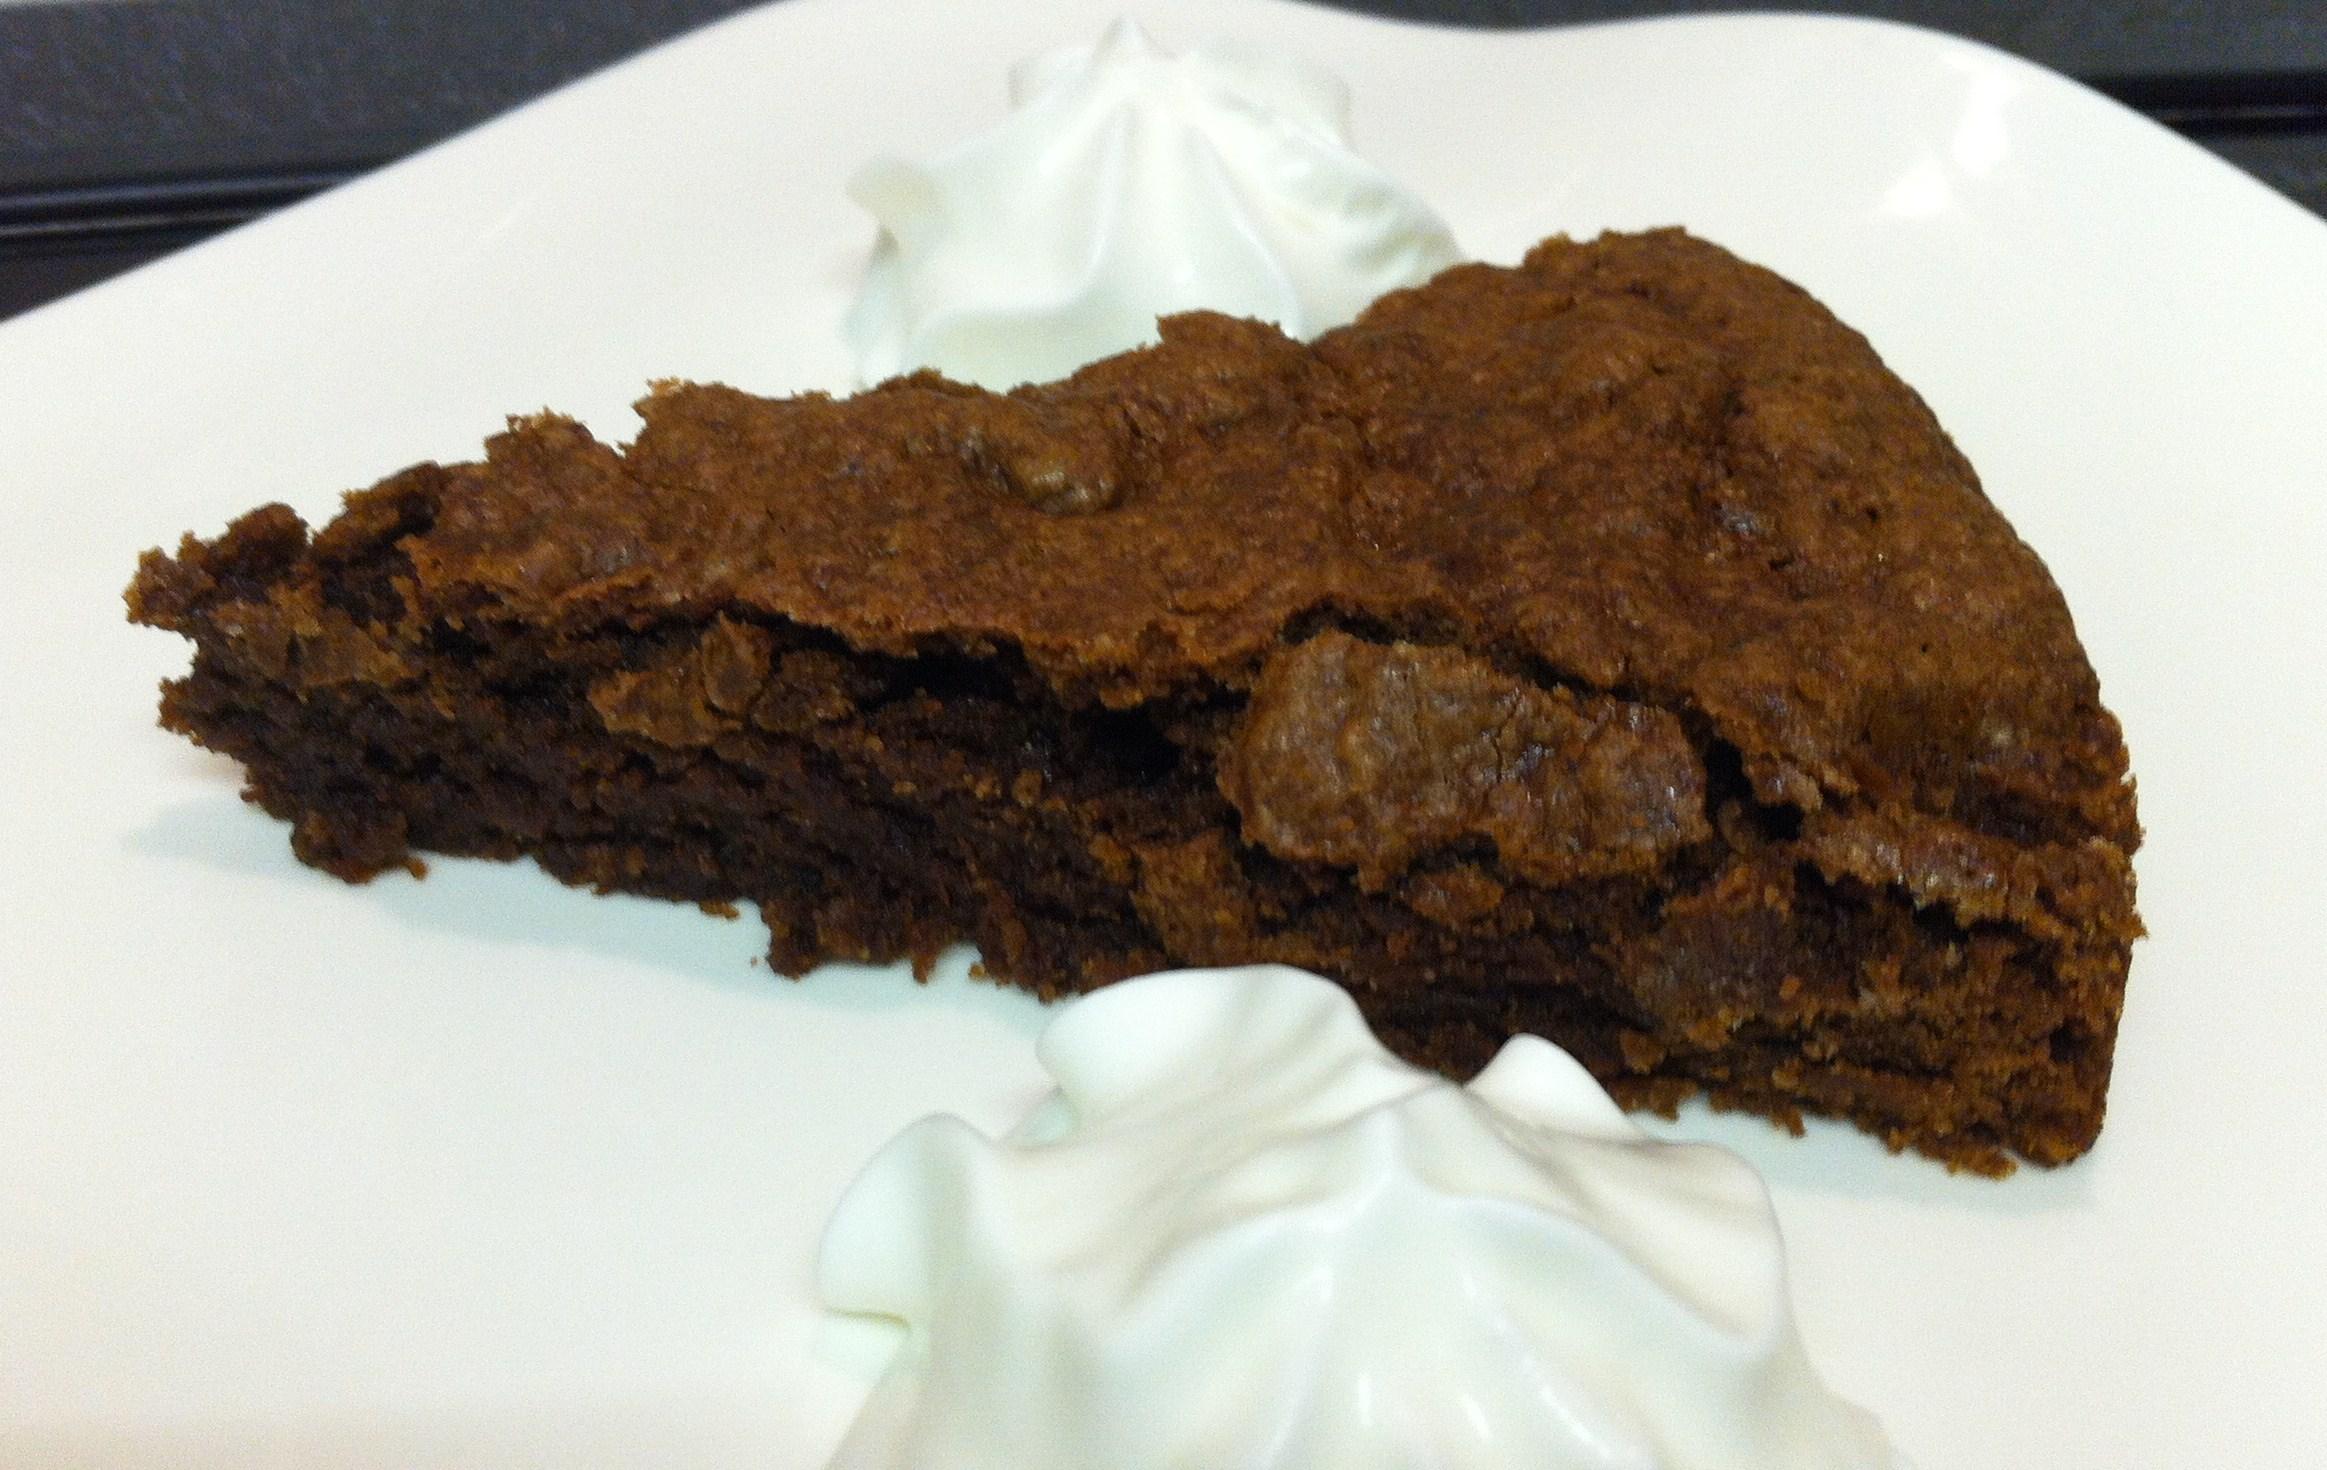 Swedish Sticky Chocolate Cake Recipe